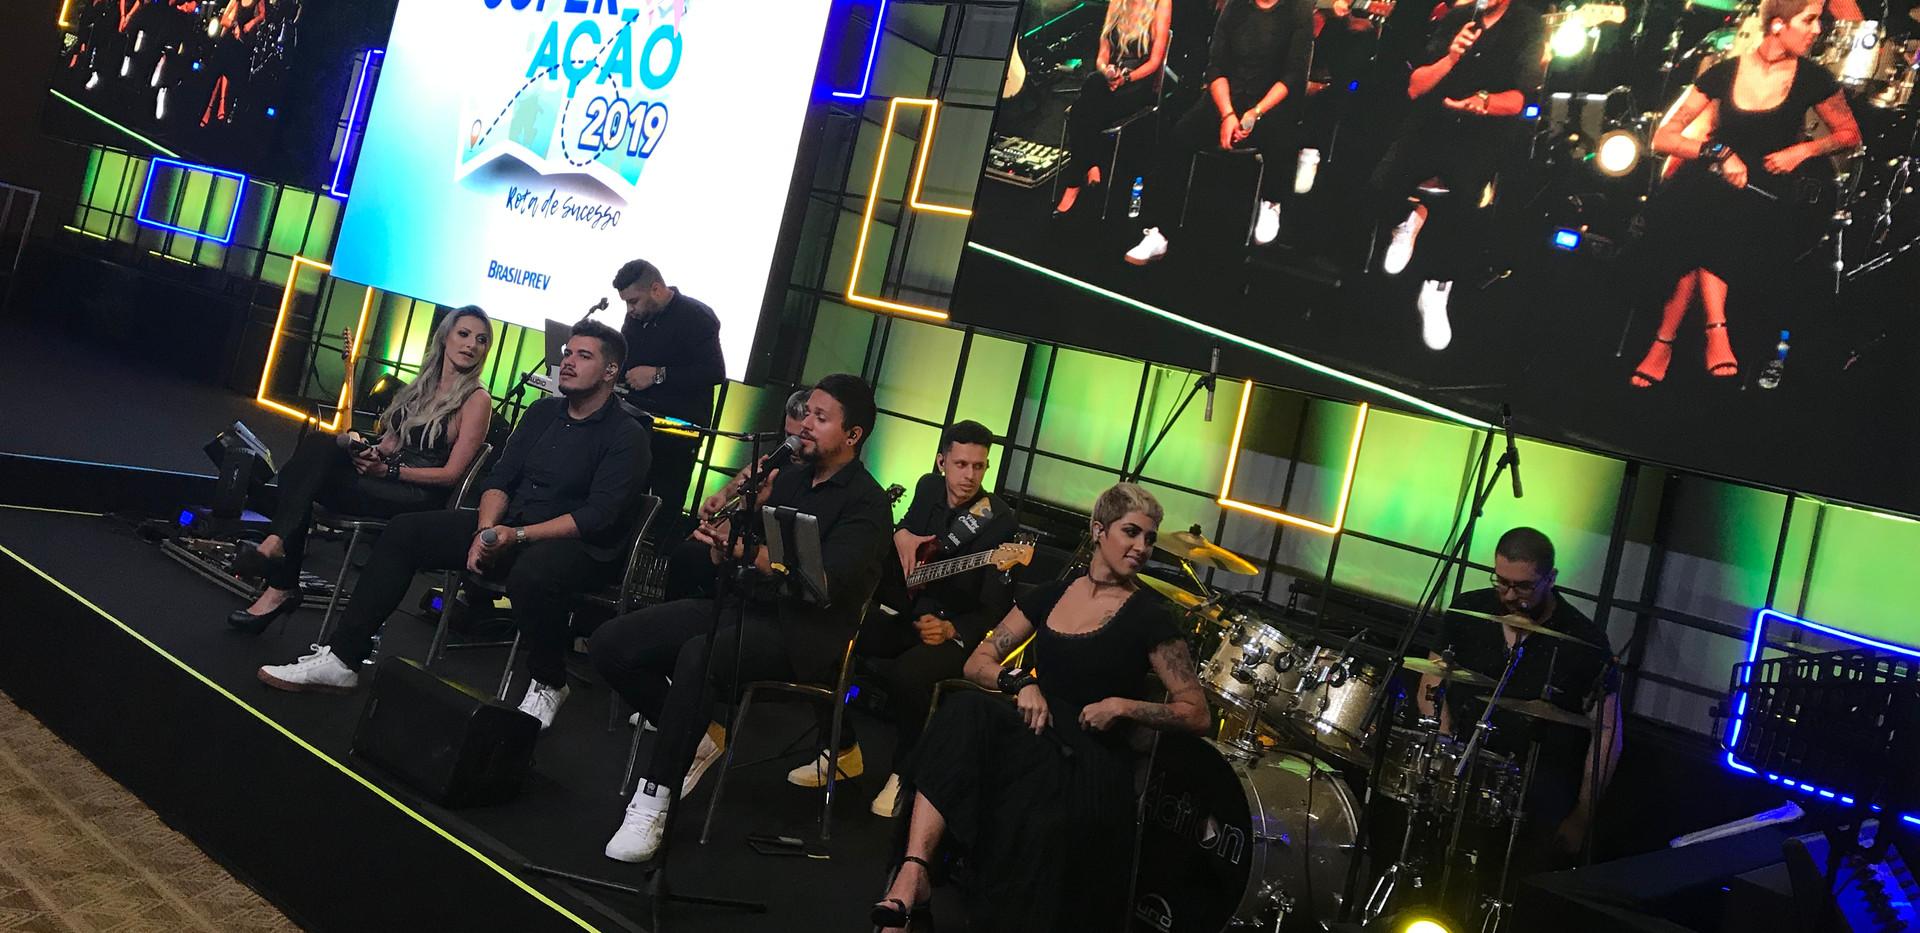 Evento_Dicom_BrasilPrev_Banda_no_palco